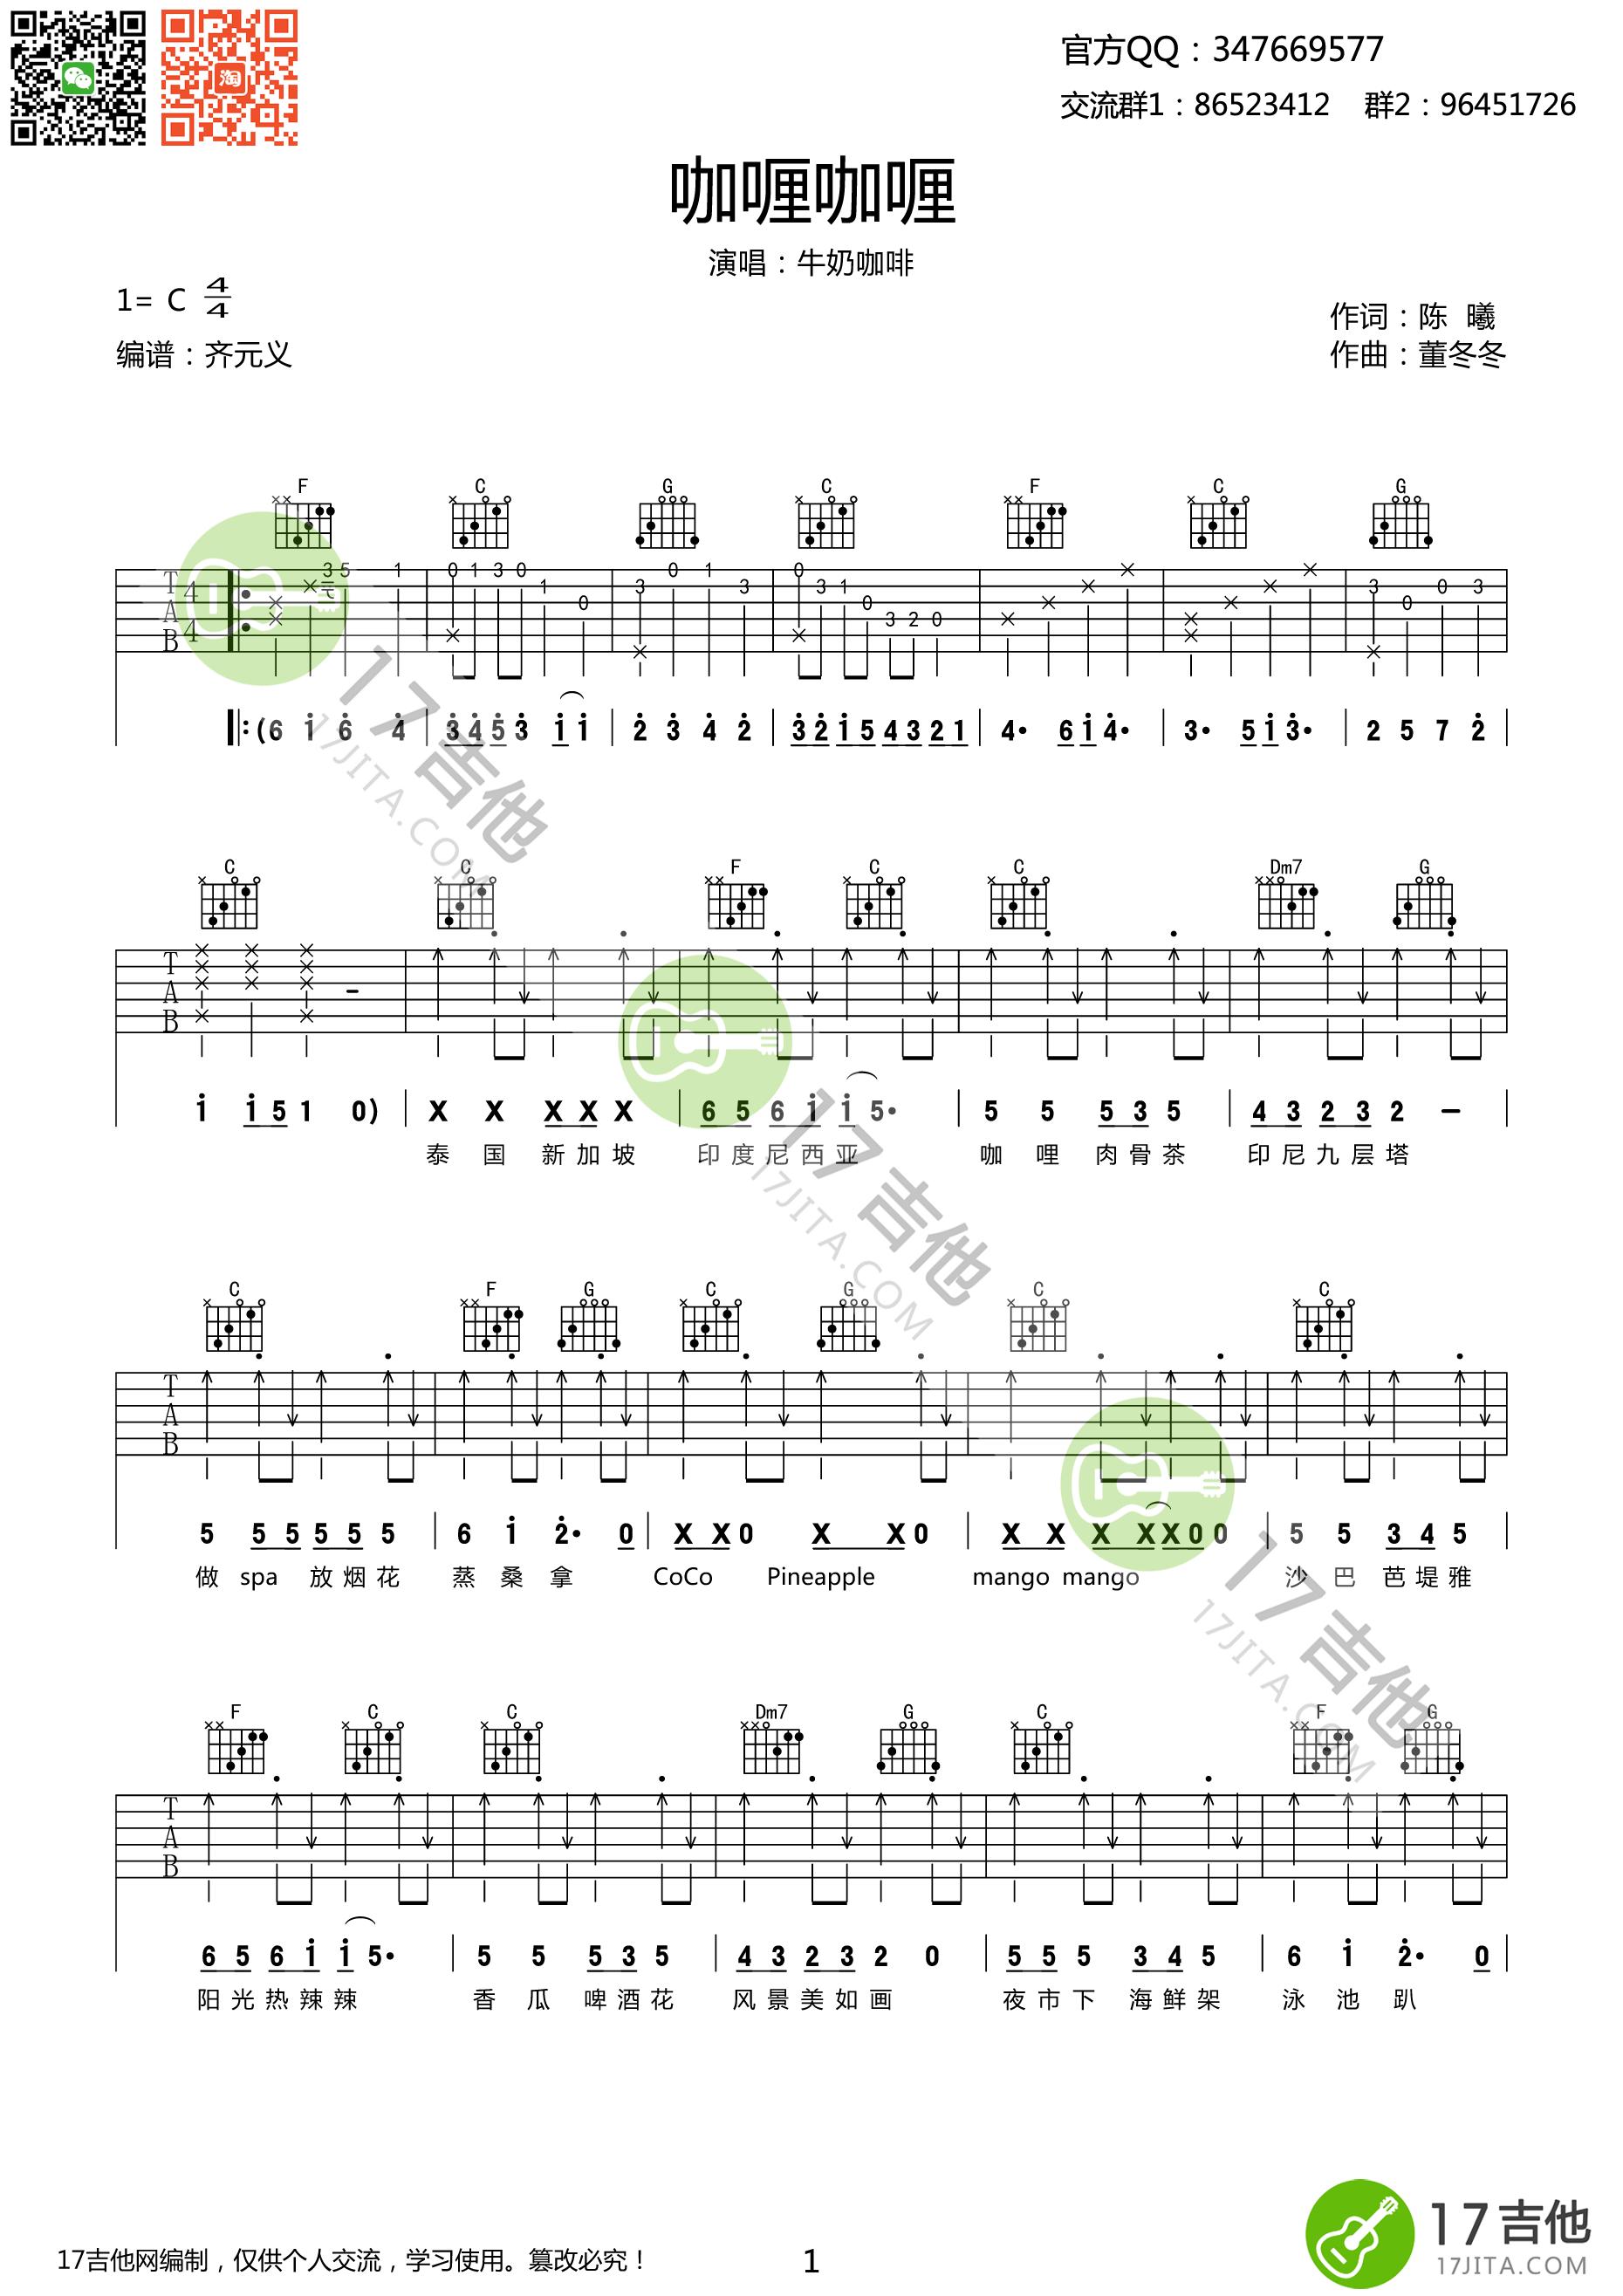 咖喱咖喱吉他谱 牛奶咖啡 c调高清弹唱谱《欢乐颂2》插曲 吉他谱图片